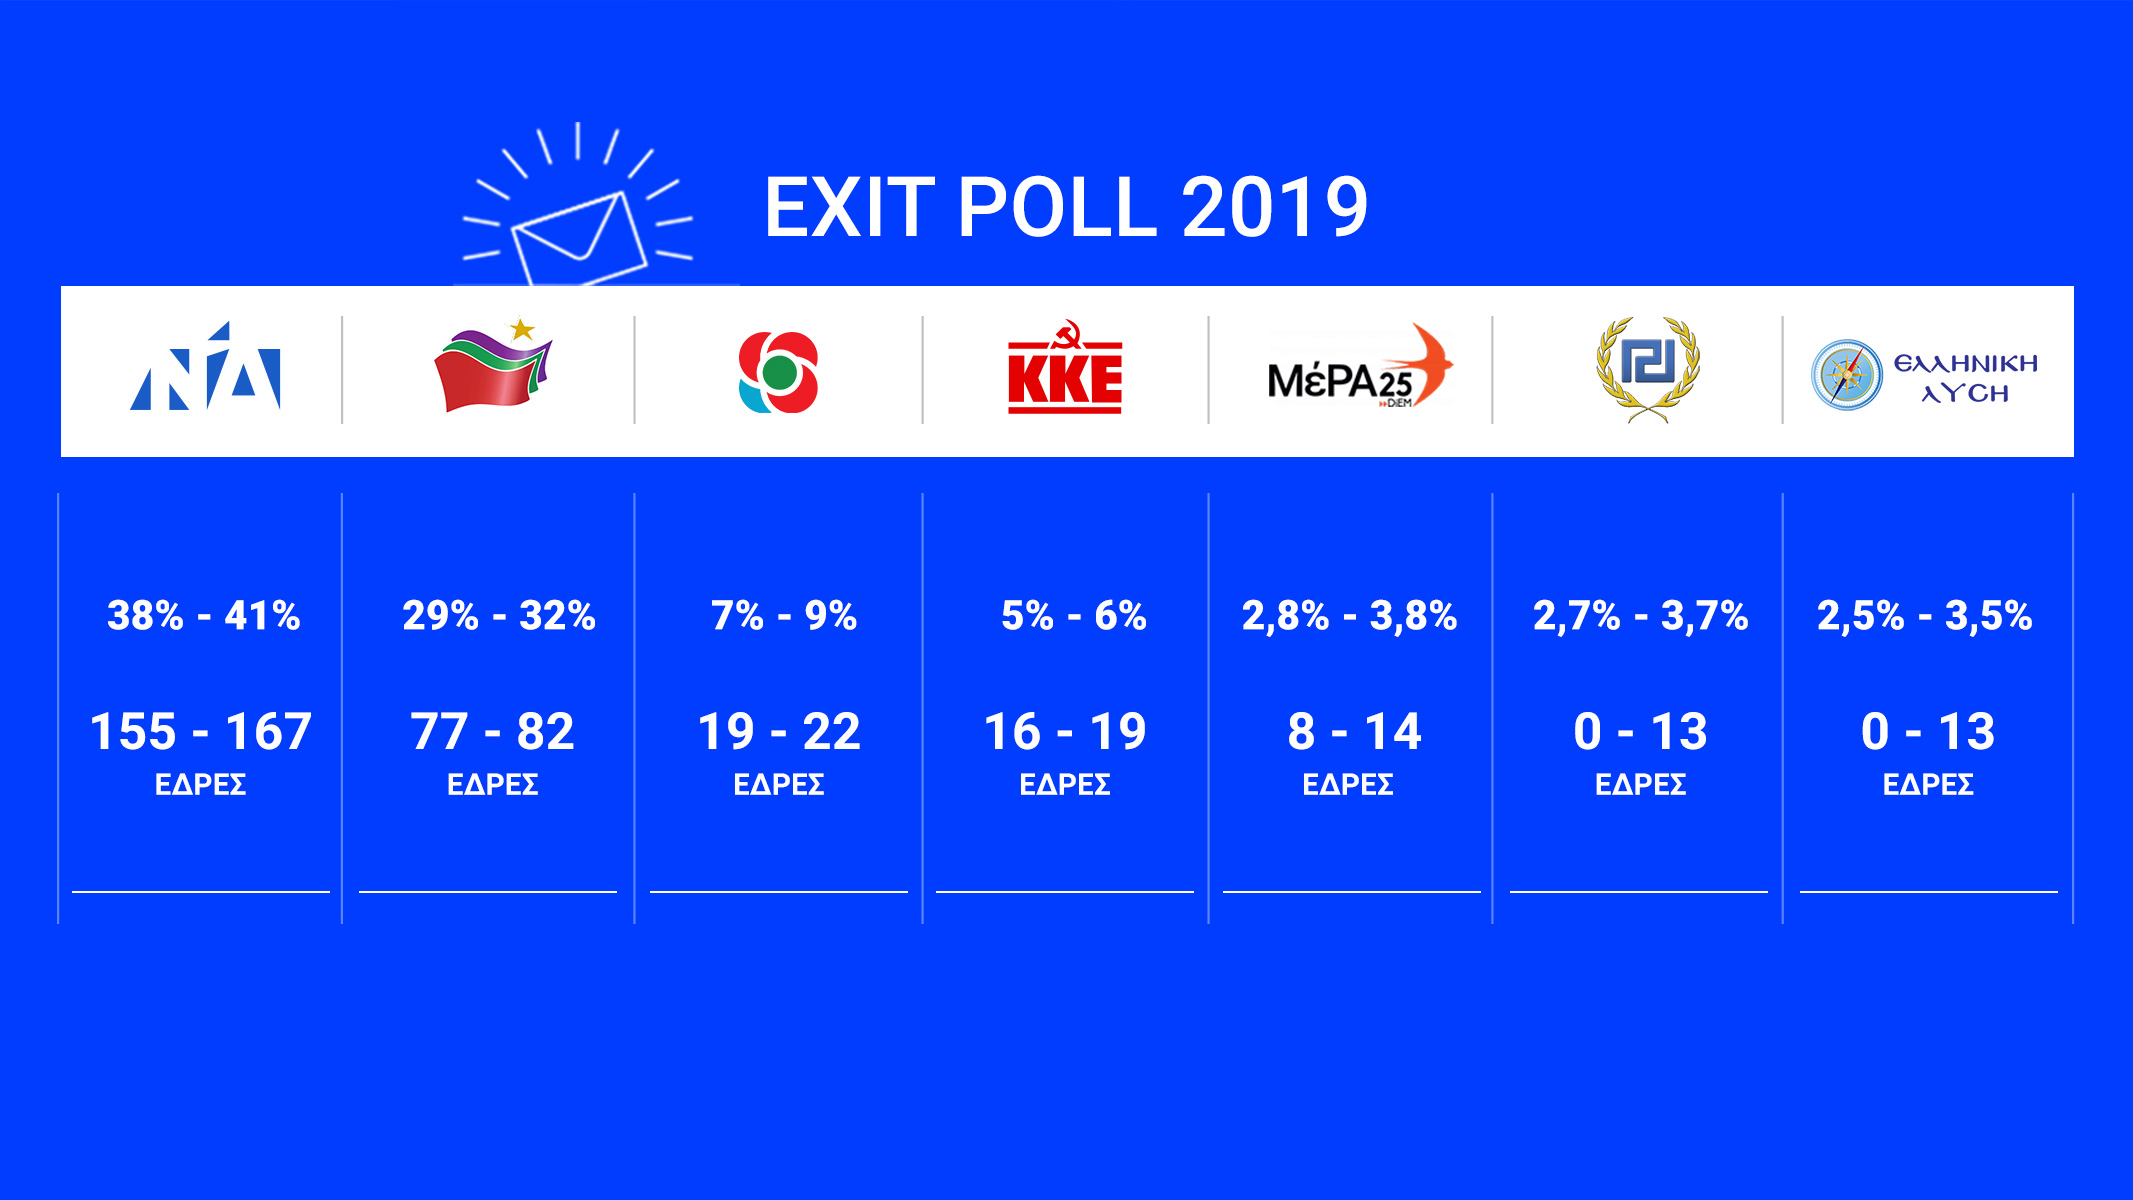 Τελικό exit poll: Μεγάλη νίκη του Κυριάκου Μητσοτάκη - ΝΔ: από 38% έως 41% - ΣΥΡΙΖΑ από 29% έως 32% - ΚΙΝΑΛ από 7% έως 9%